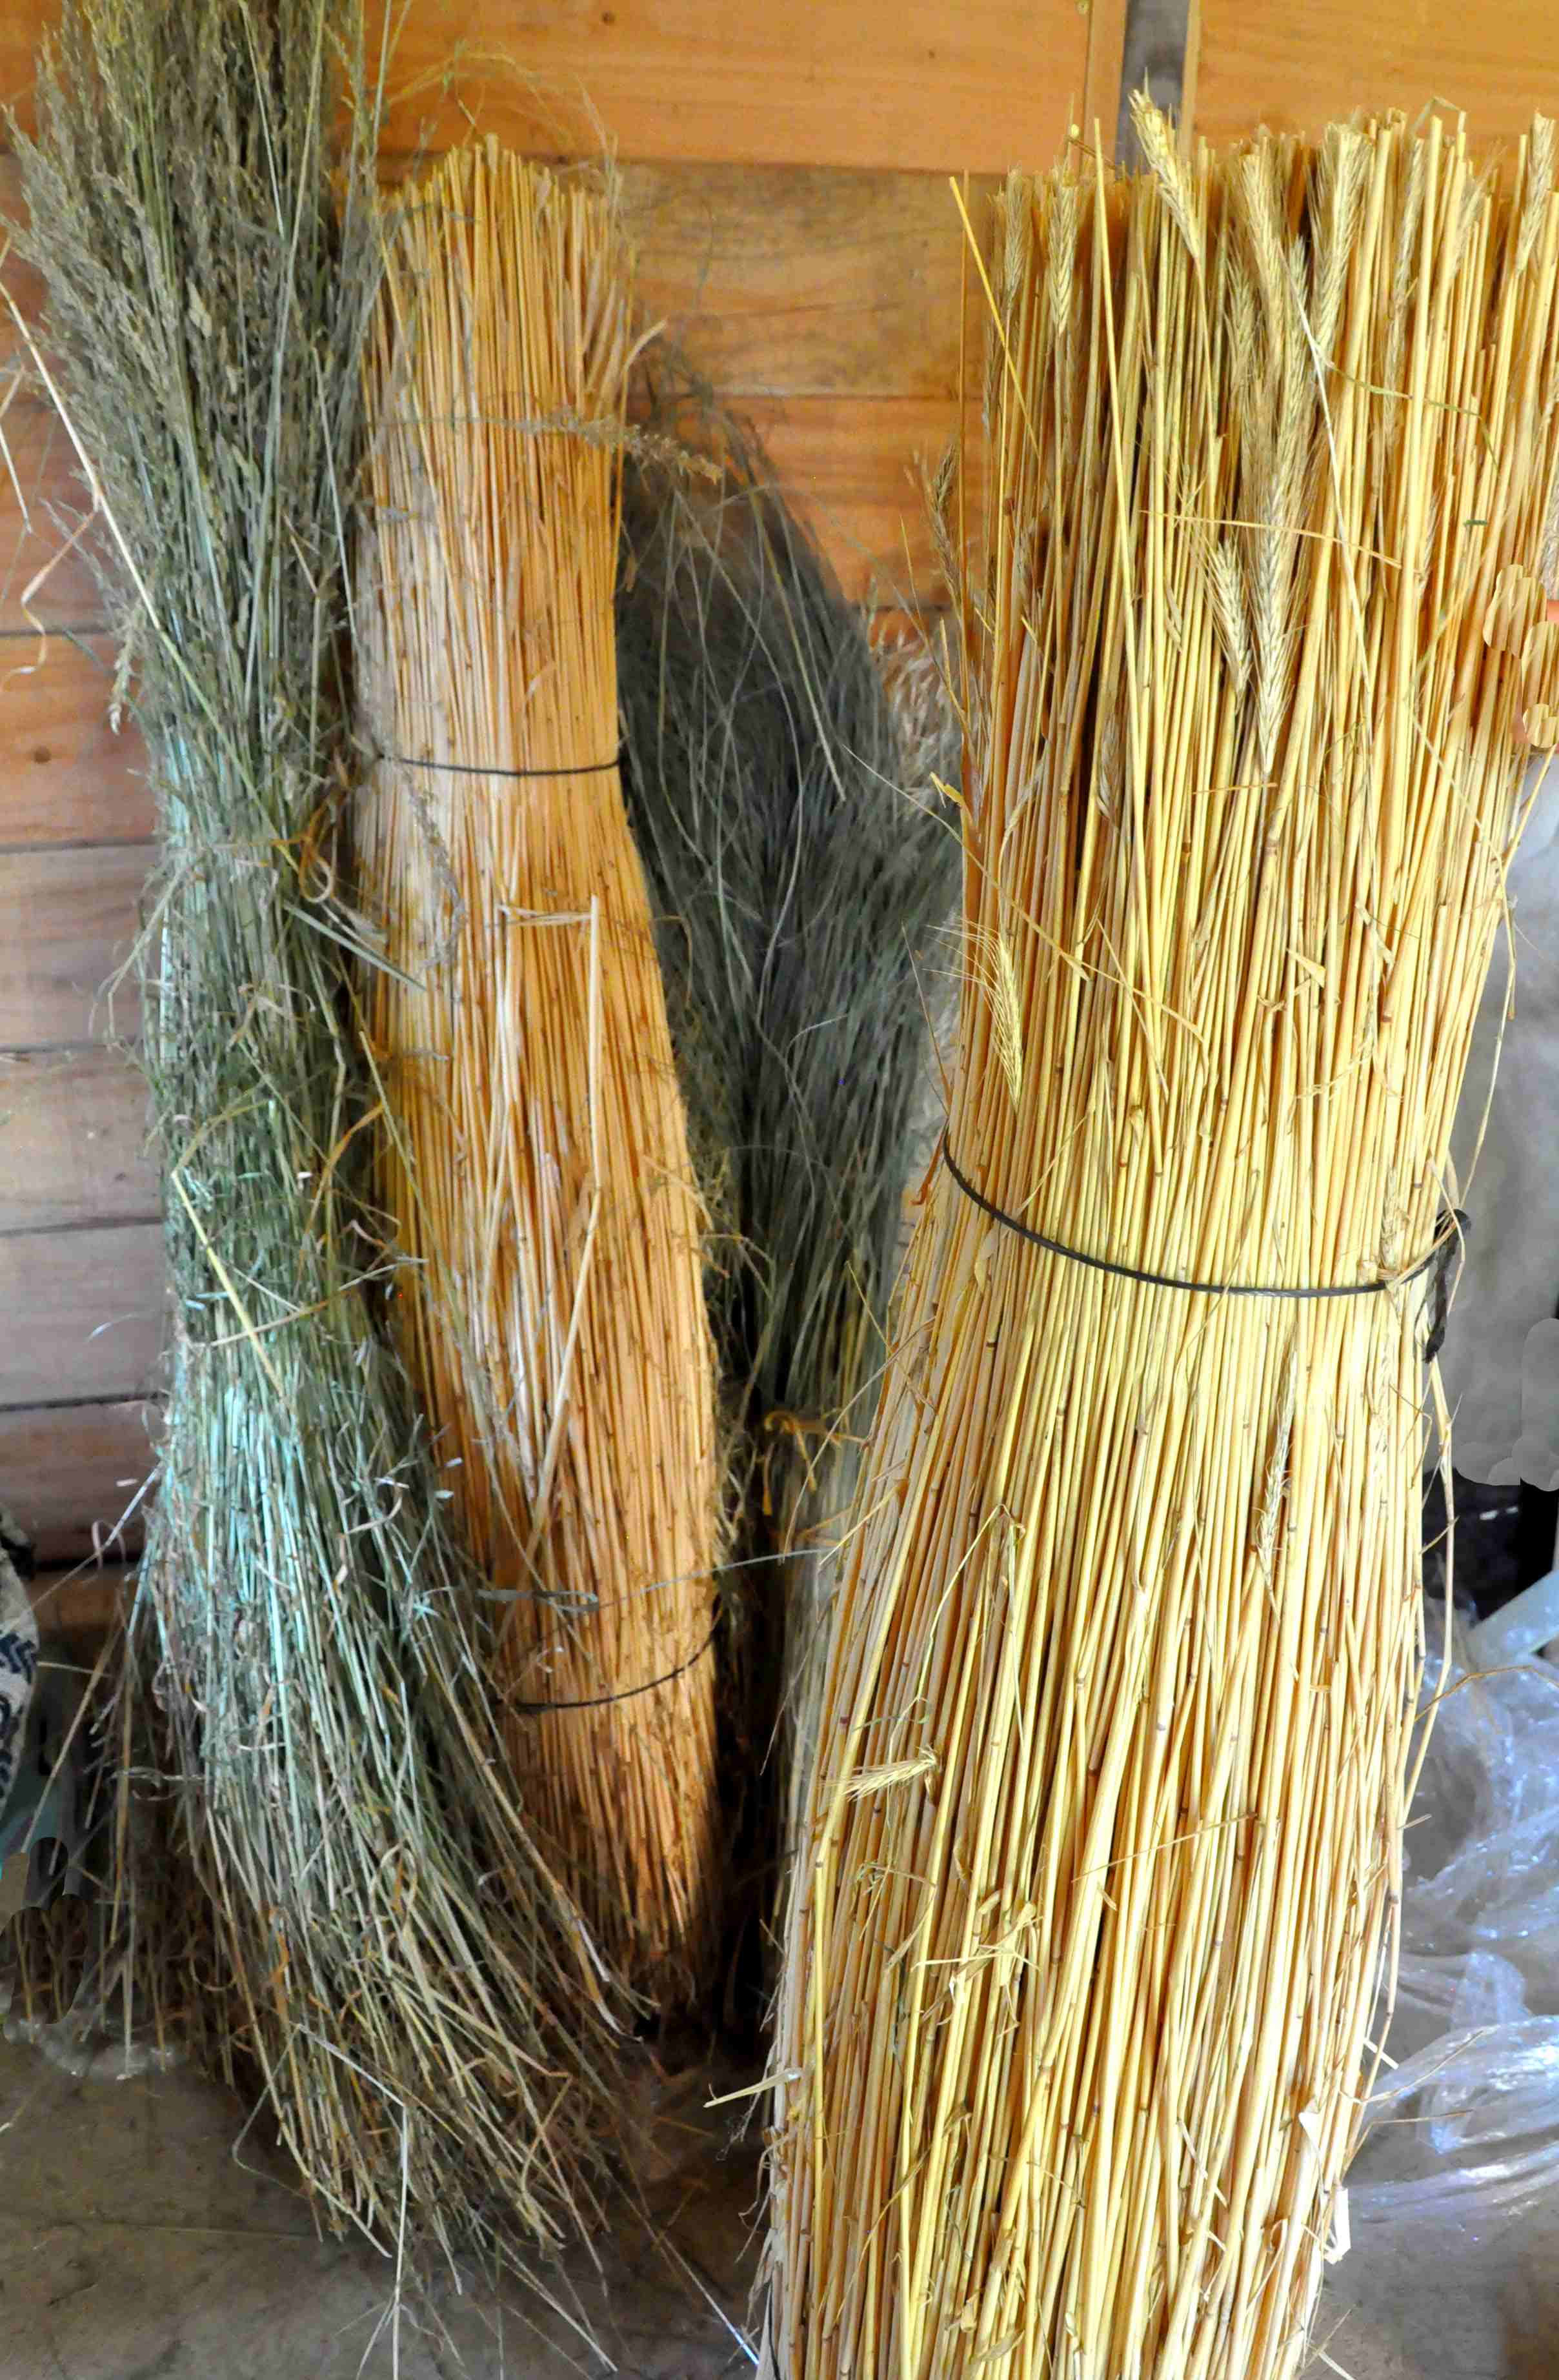 vannerie sauvage : pailles et herbes